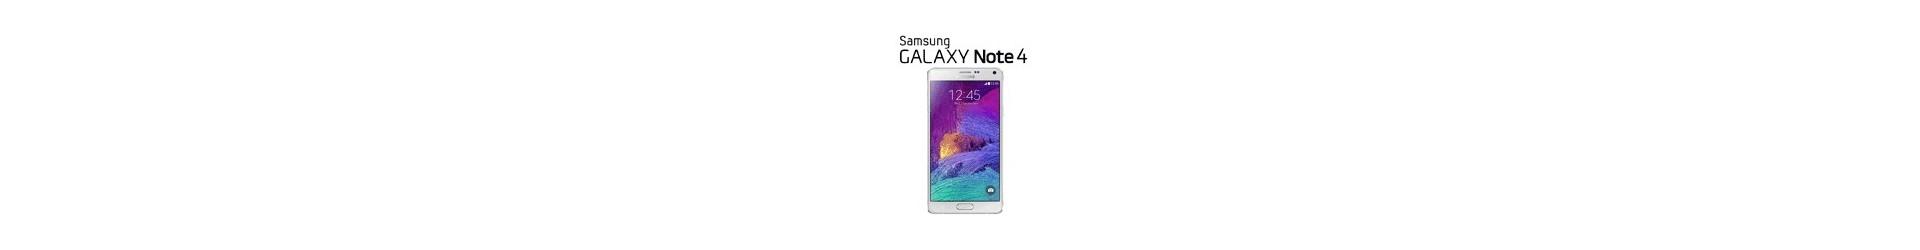 Accesorios y partes para Samsung Galaxy Note 4 en Mexico